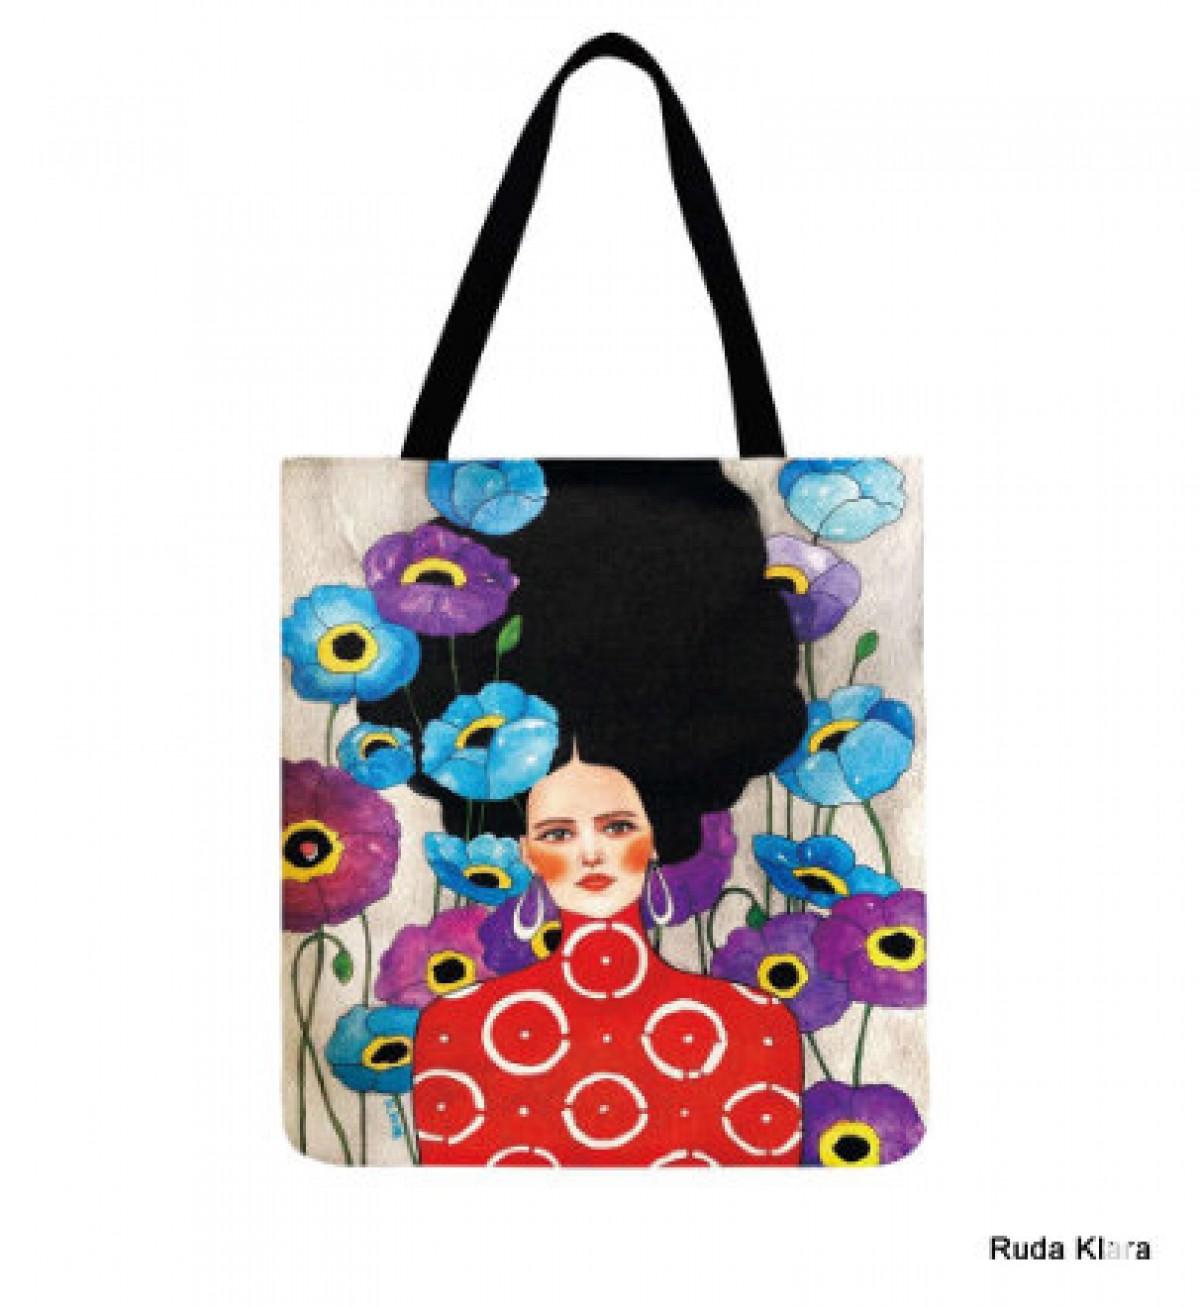 torba shopperka drukowana dwustronnie motyw kobiety